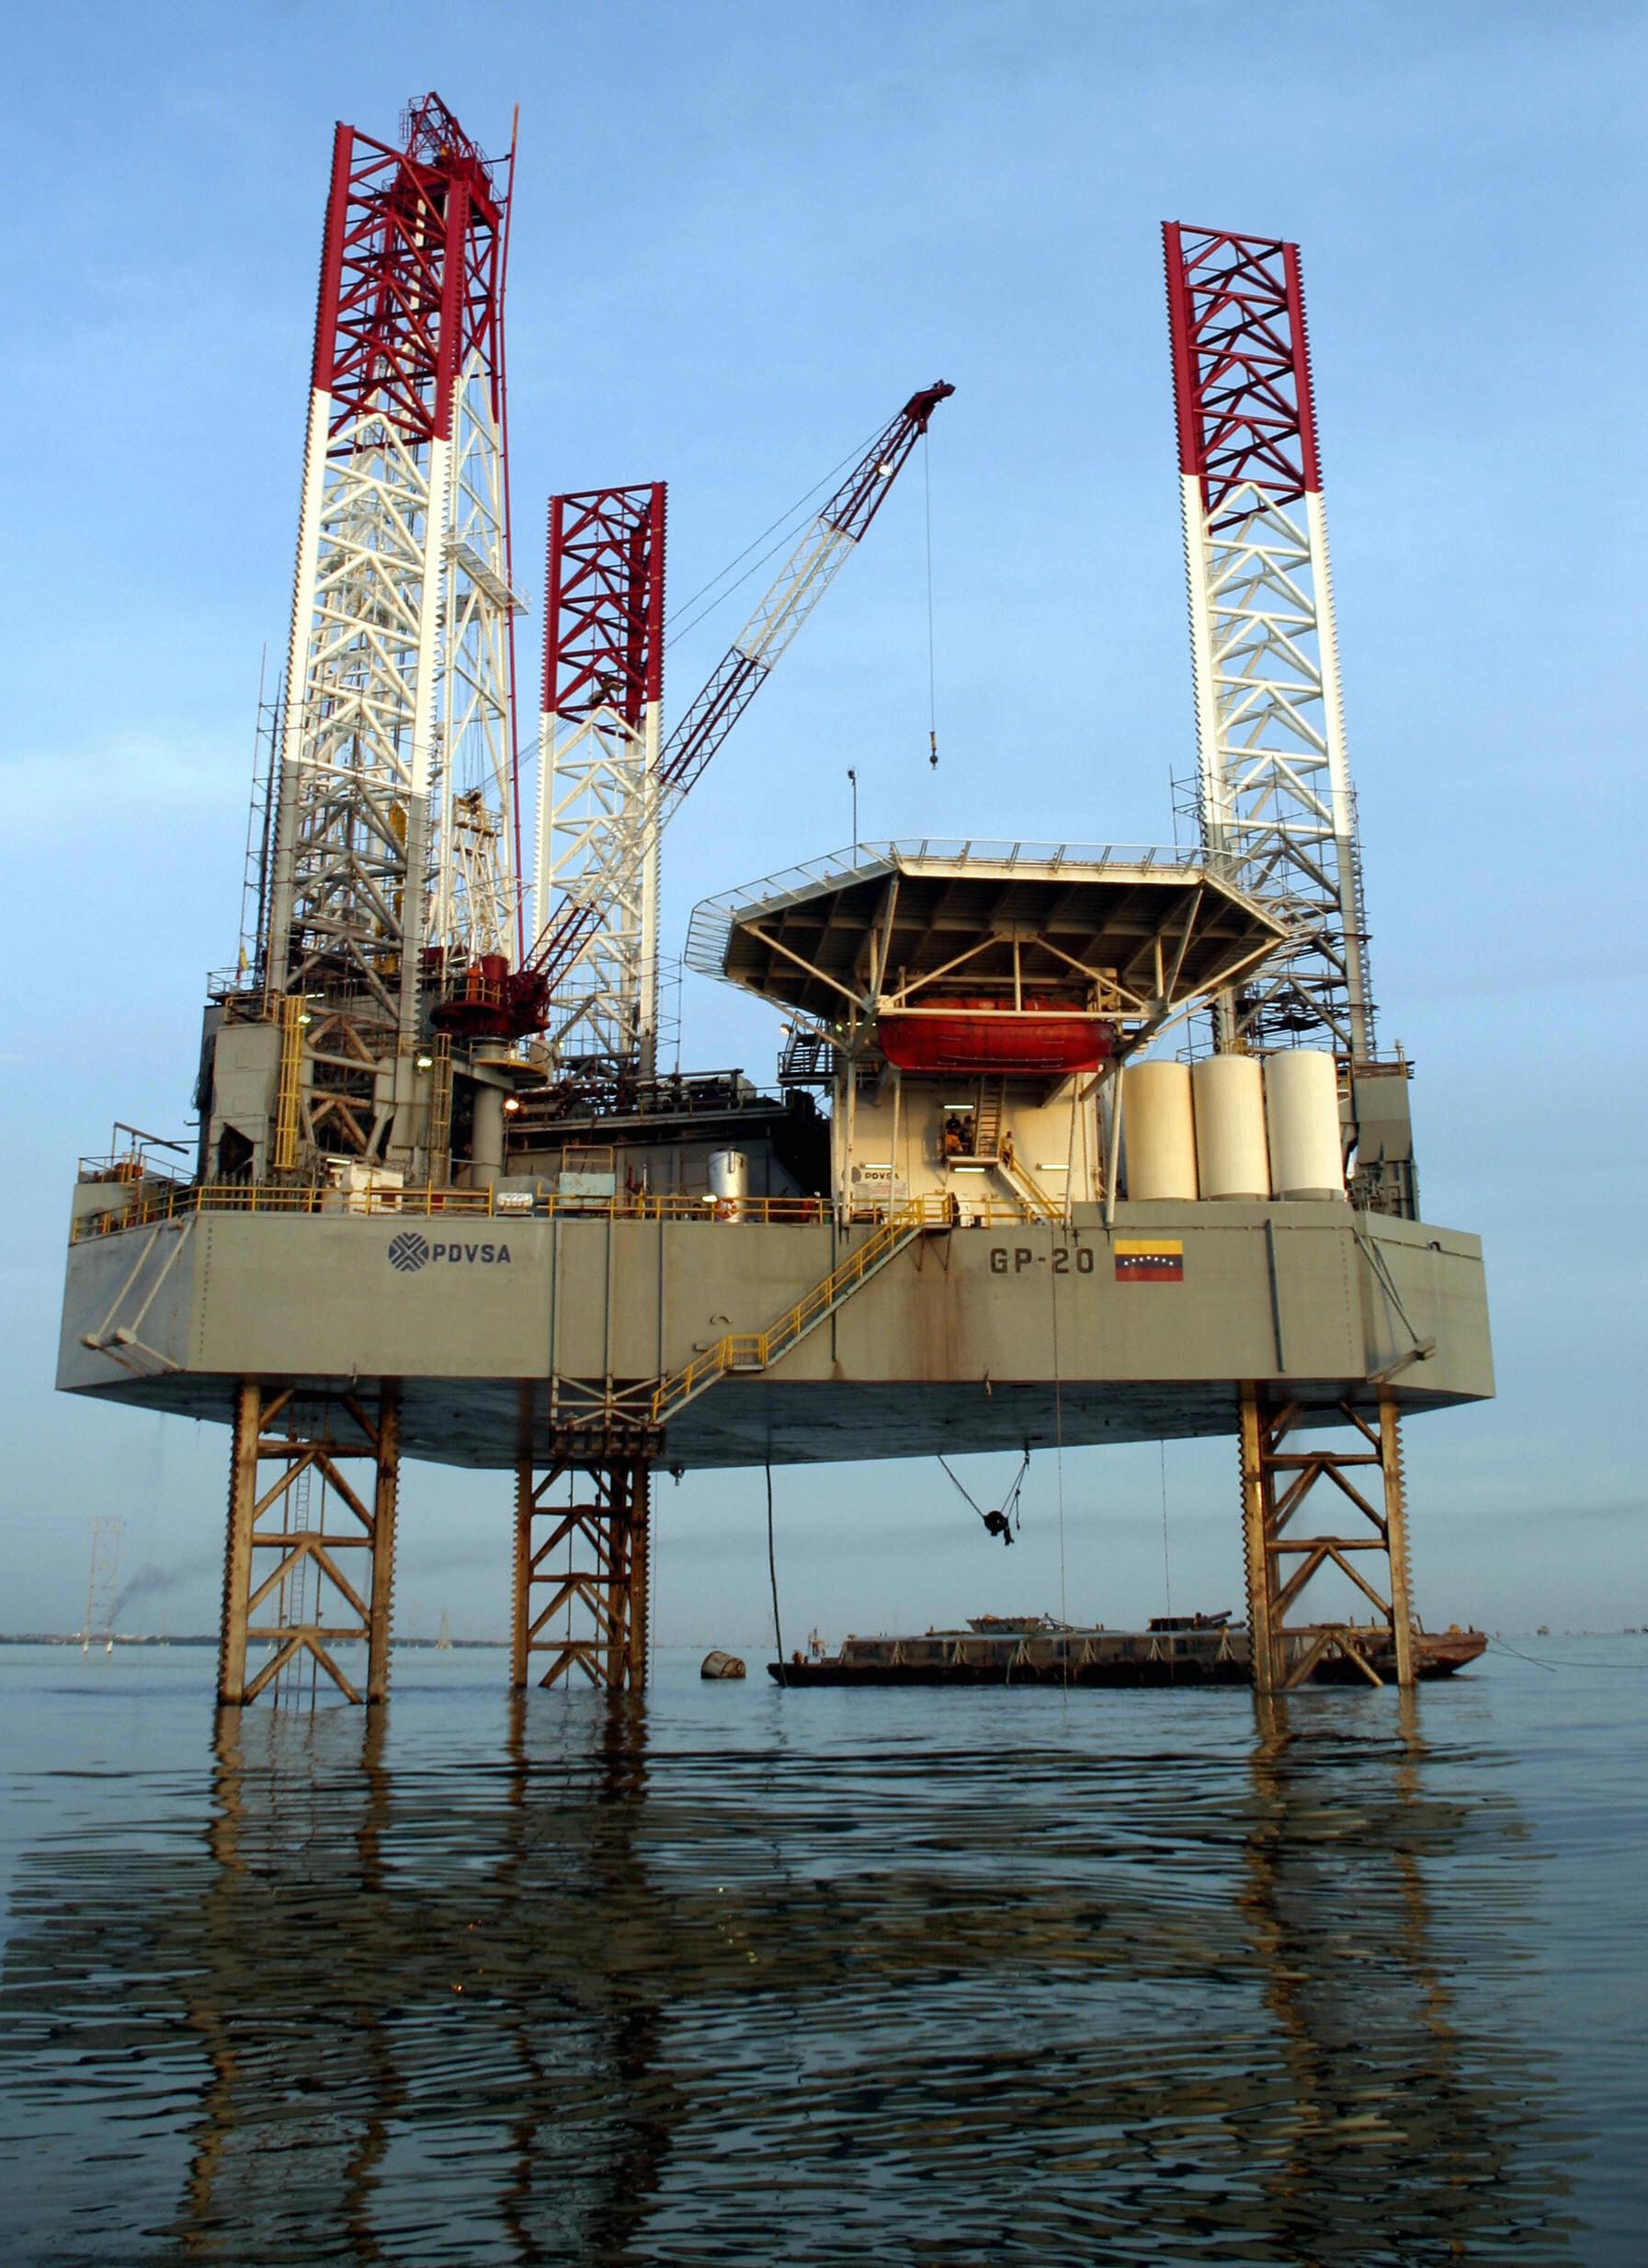 怕遭美制裁 傳俄銀行凍結委國石油公司帳戶